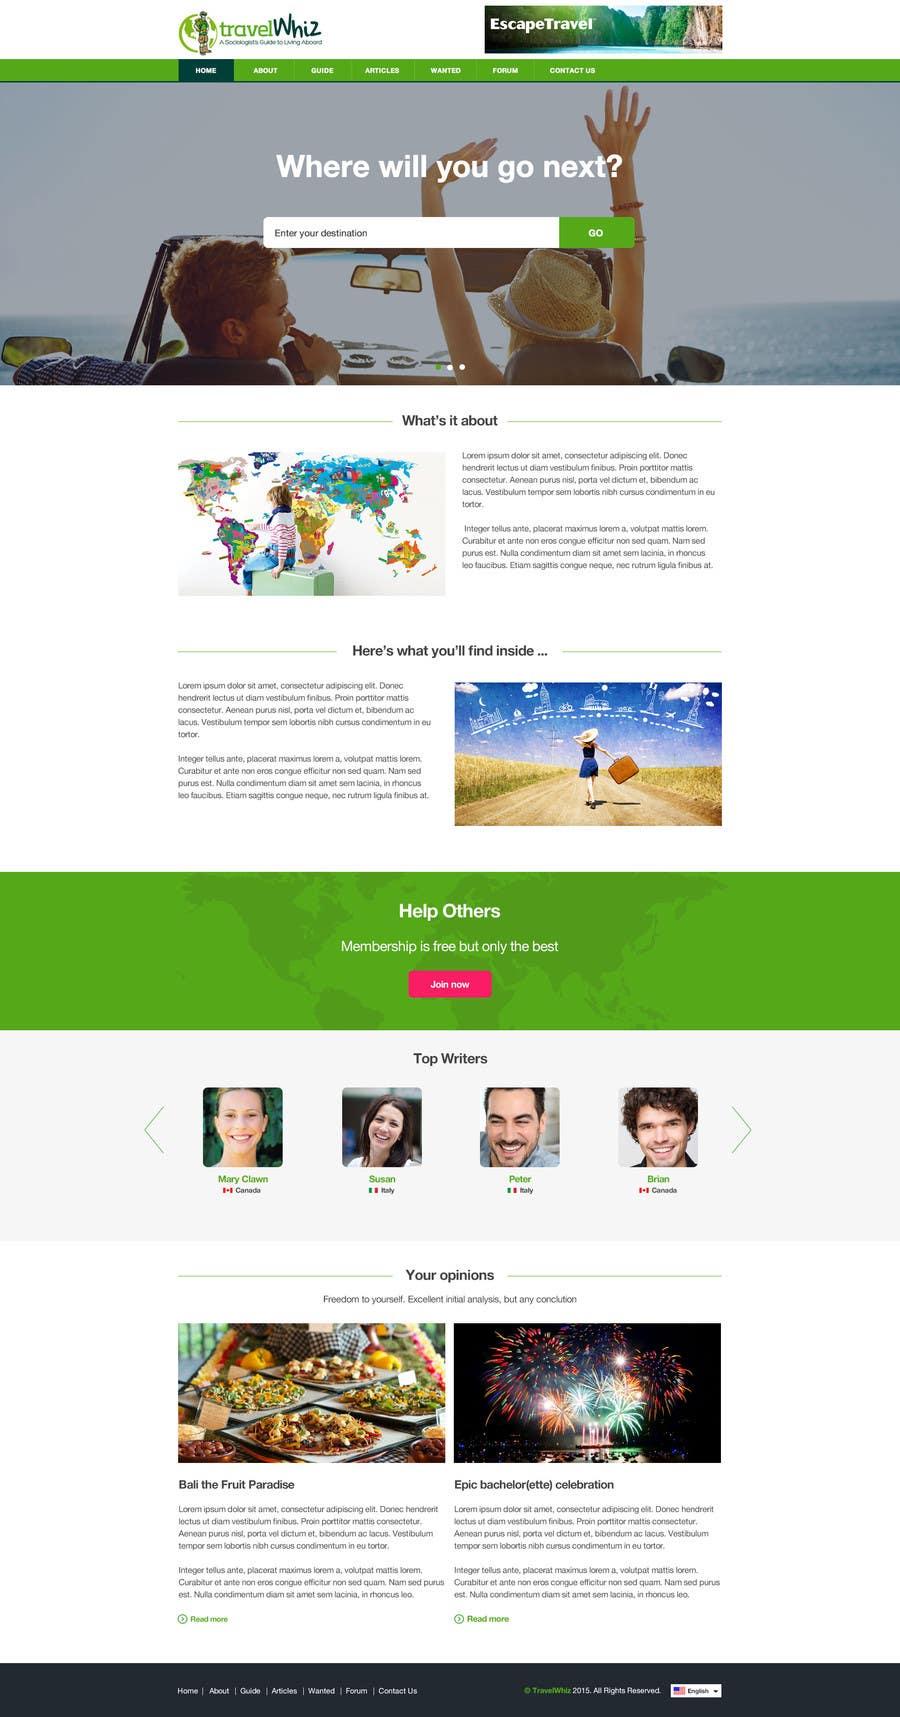 Konkurrenceindlæg #                                        16                                      for                                         Design a Website Mockup for TW